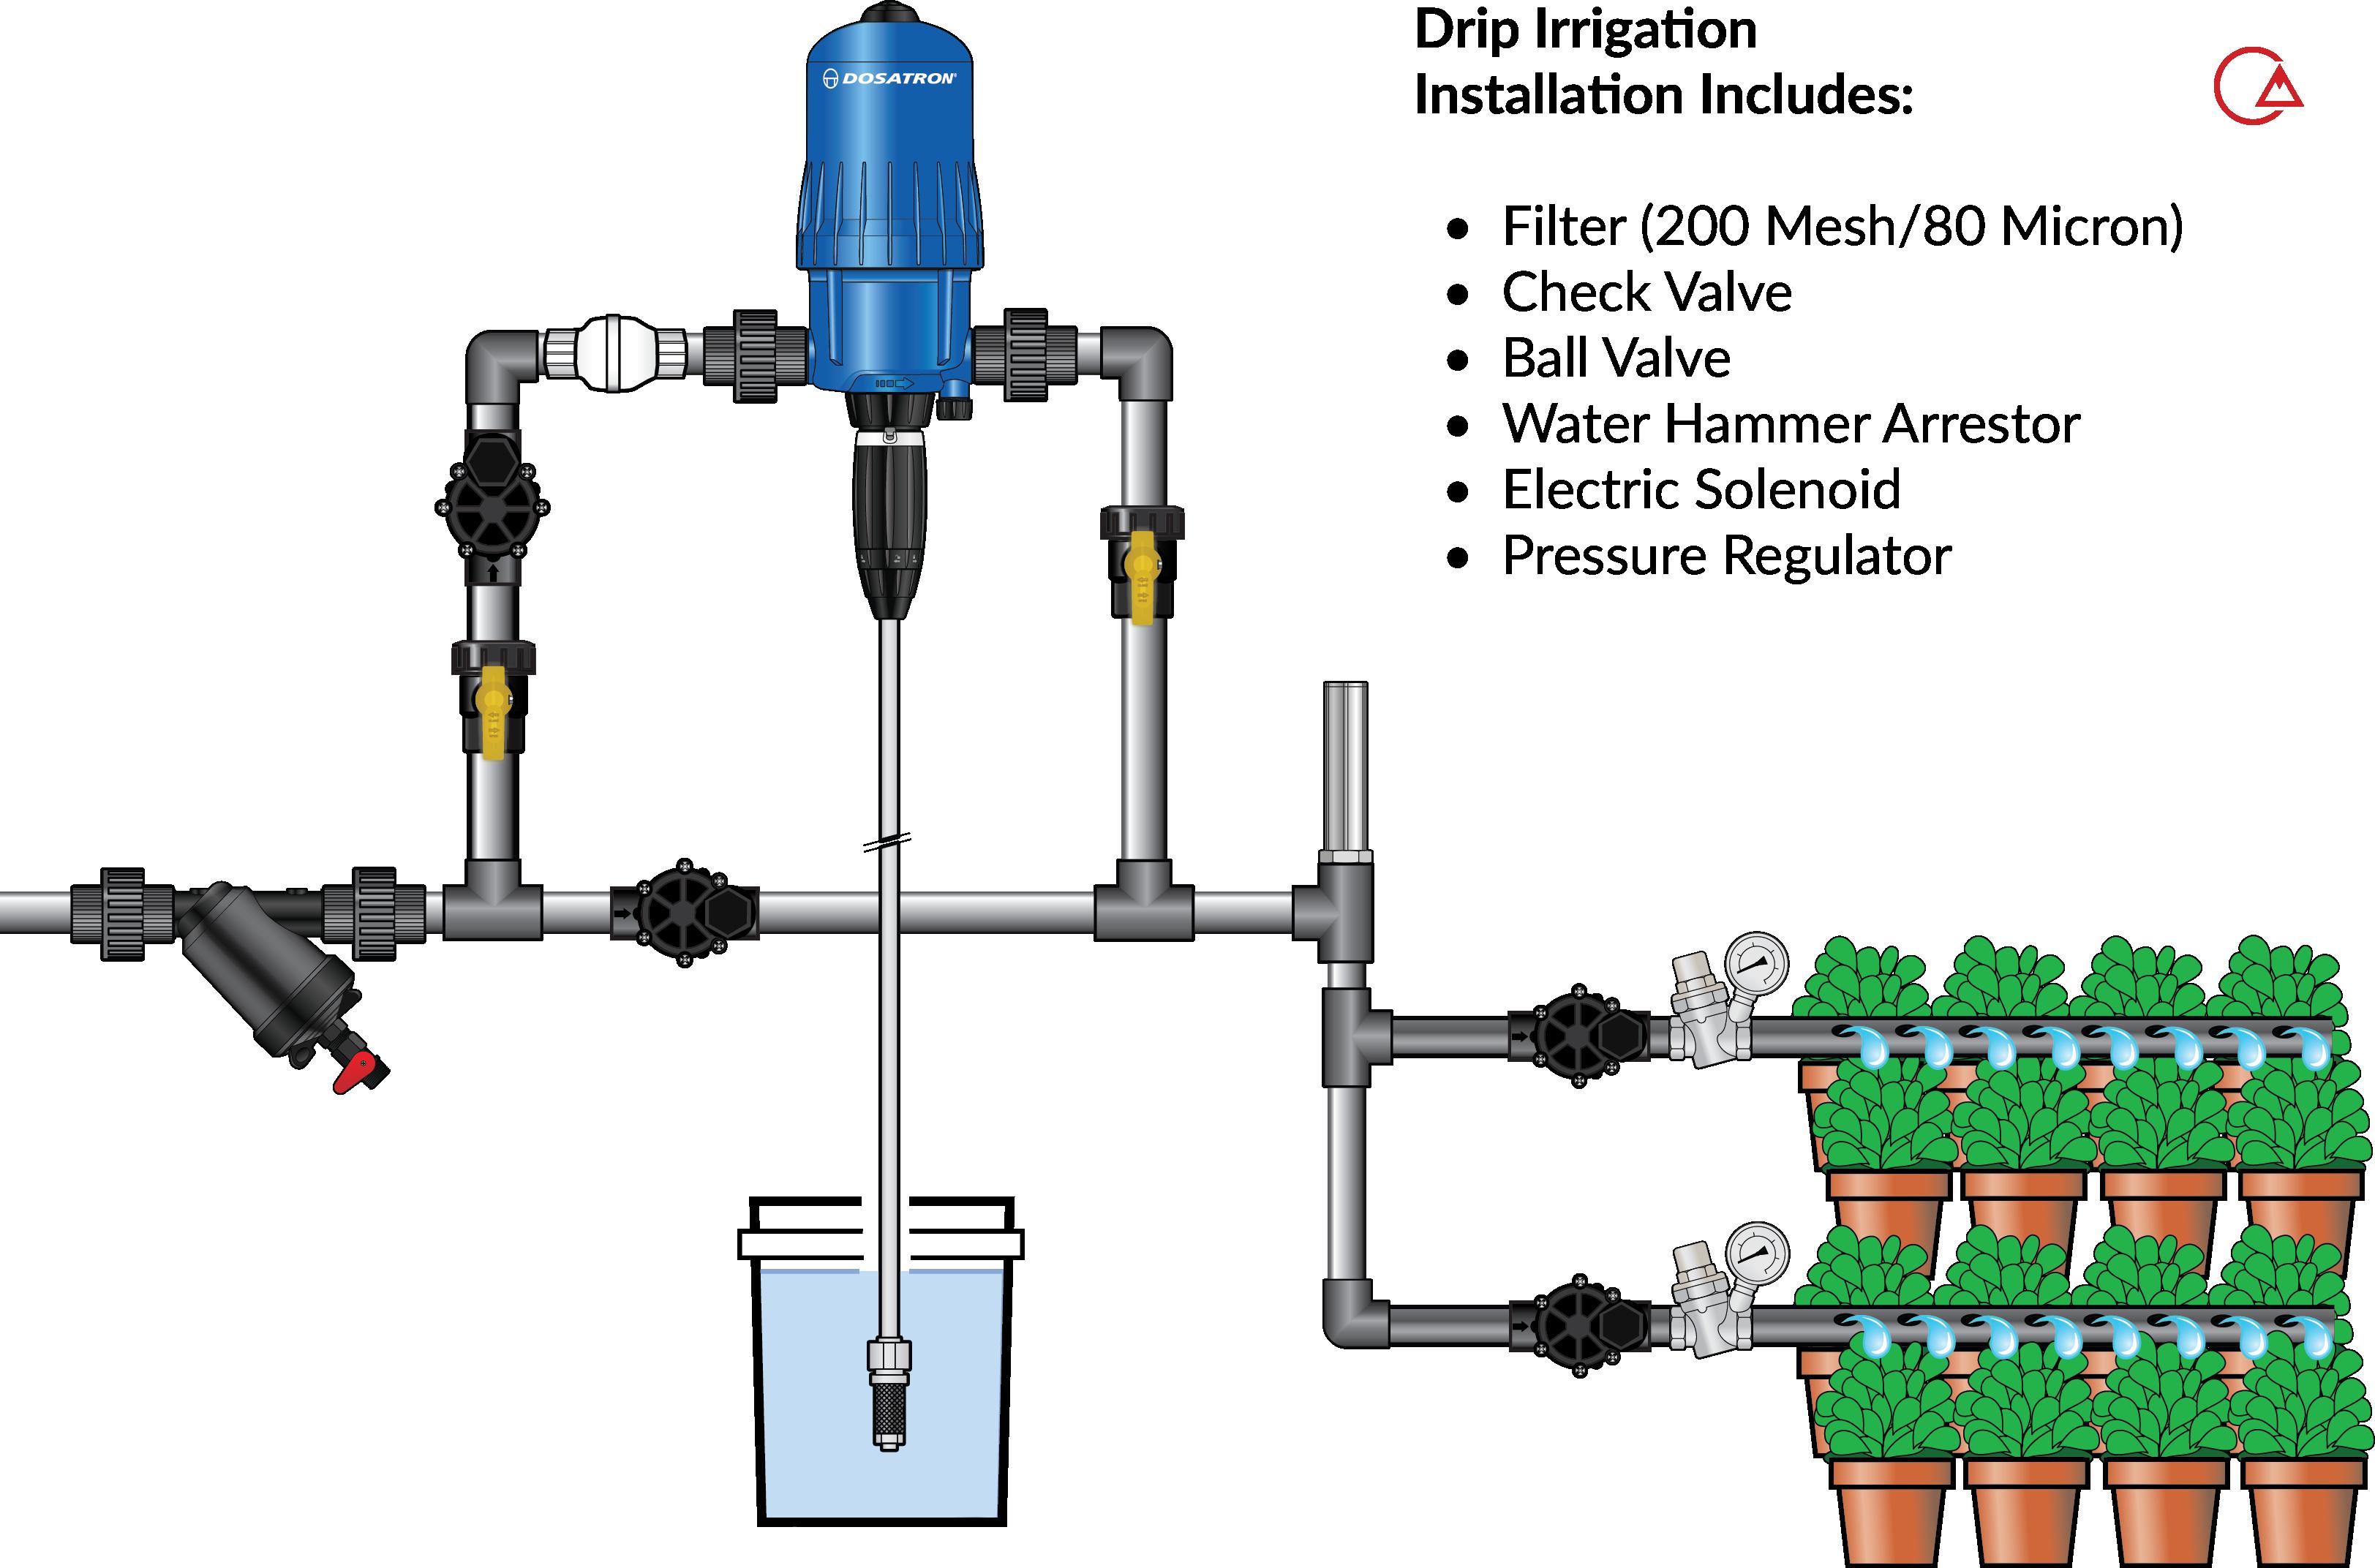 پمپ تزریق نسبی - نحوه نصب جهت کاهش میزان دوزینگ و اجزای آن